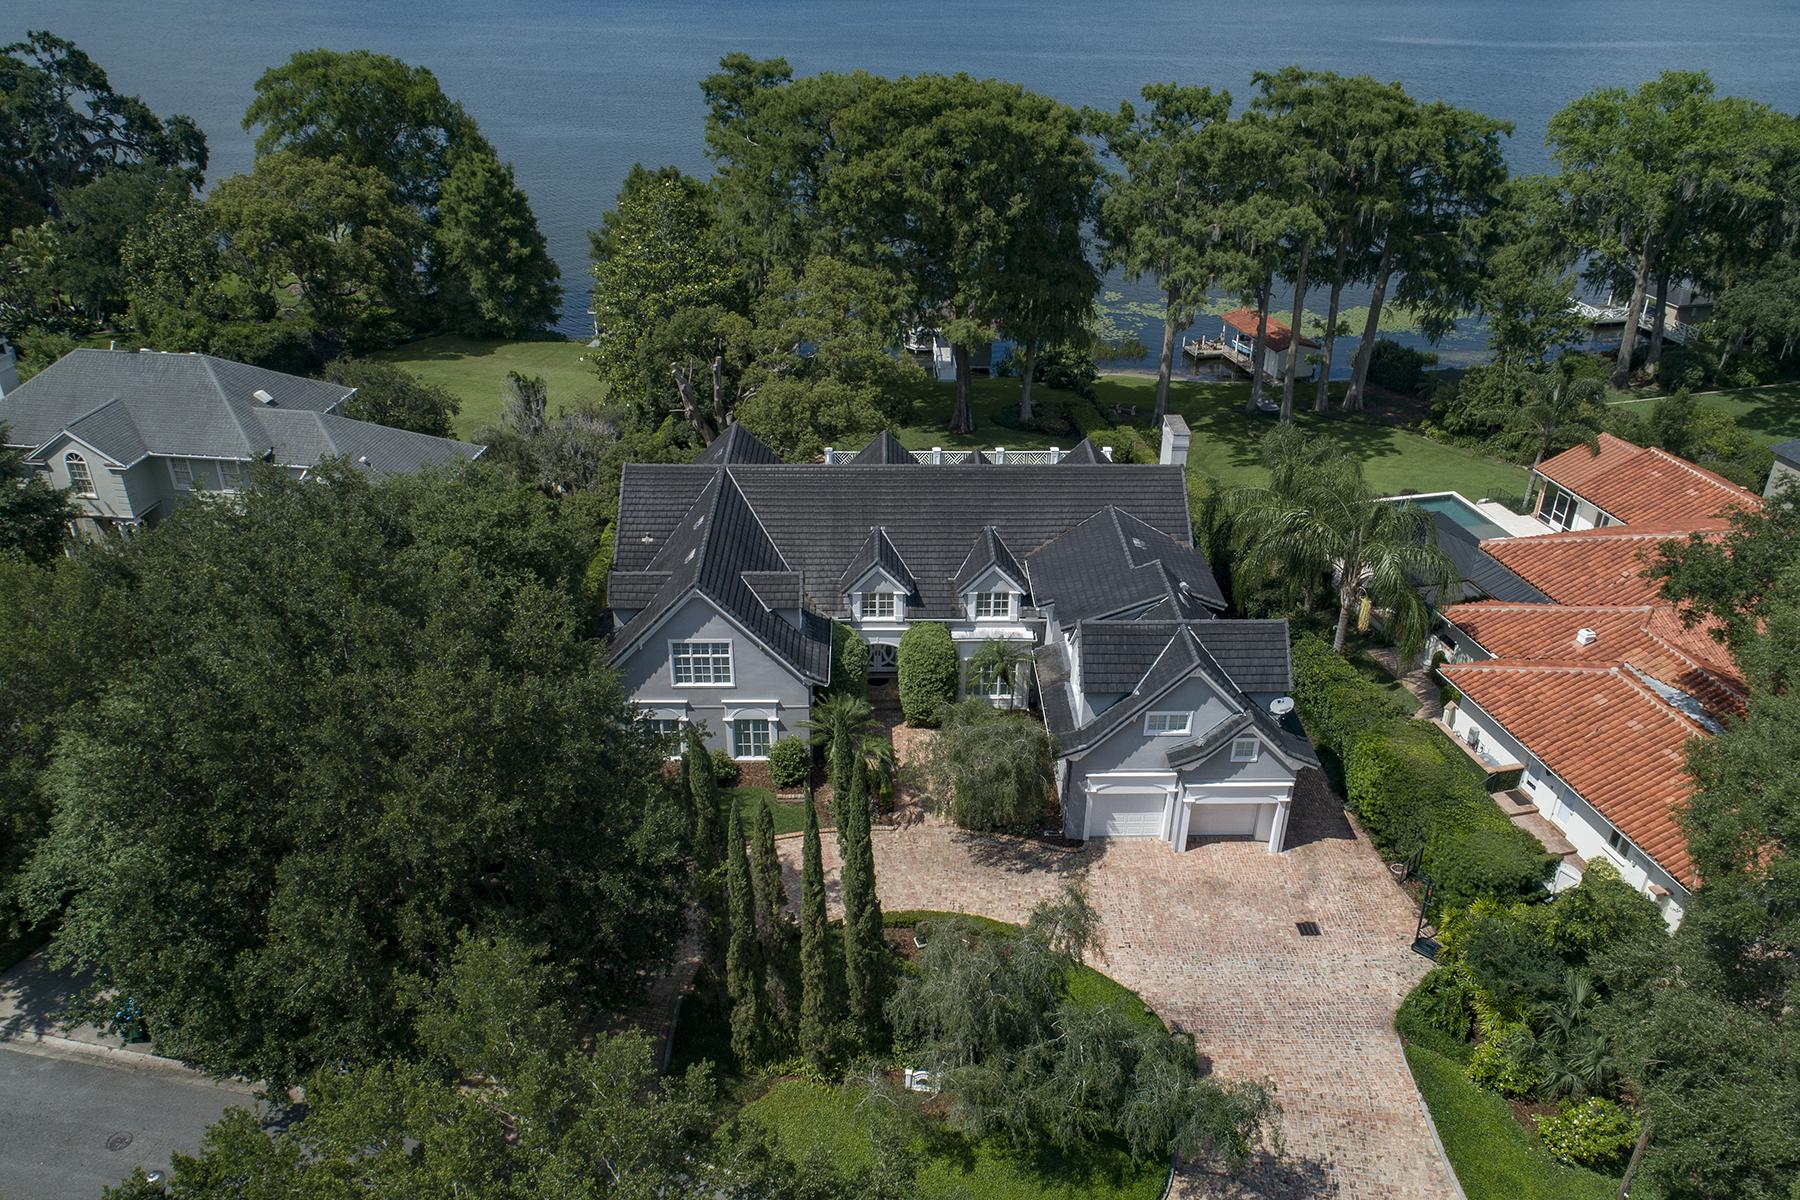 Single Family Homes için Satış at WINTER PARK 375 Virginia Dr, Winter Park, Florida 32789 Amerika Birleşik Devletleri